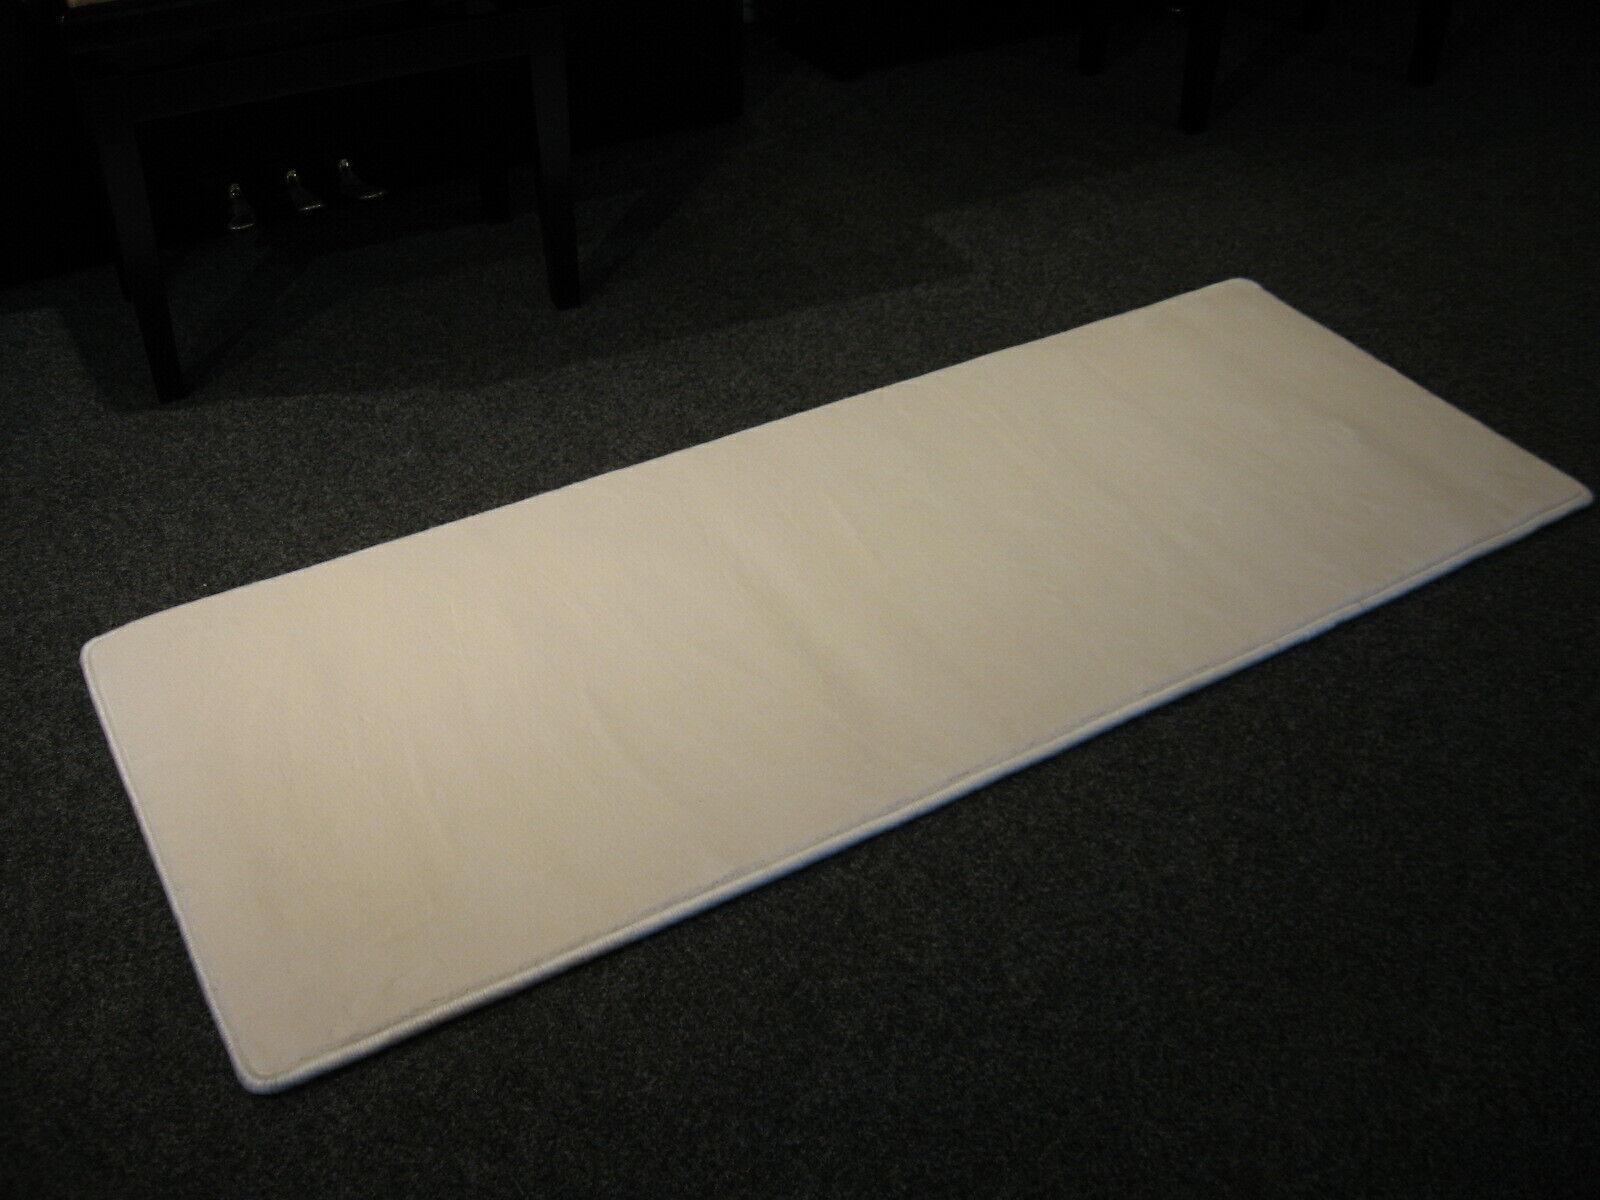 Pianocarpet Flügelcarpet Klavier Flügel Teppich schutz Fußbodenheizung weiß